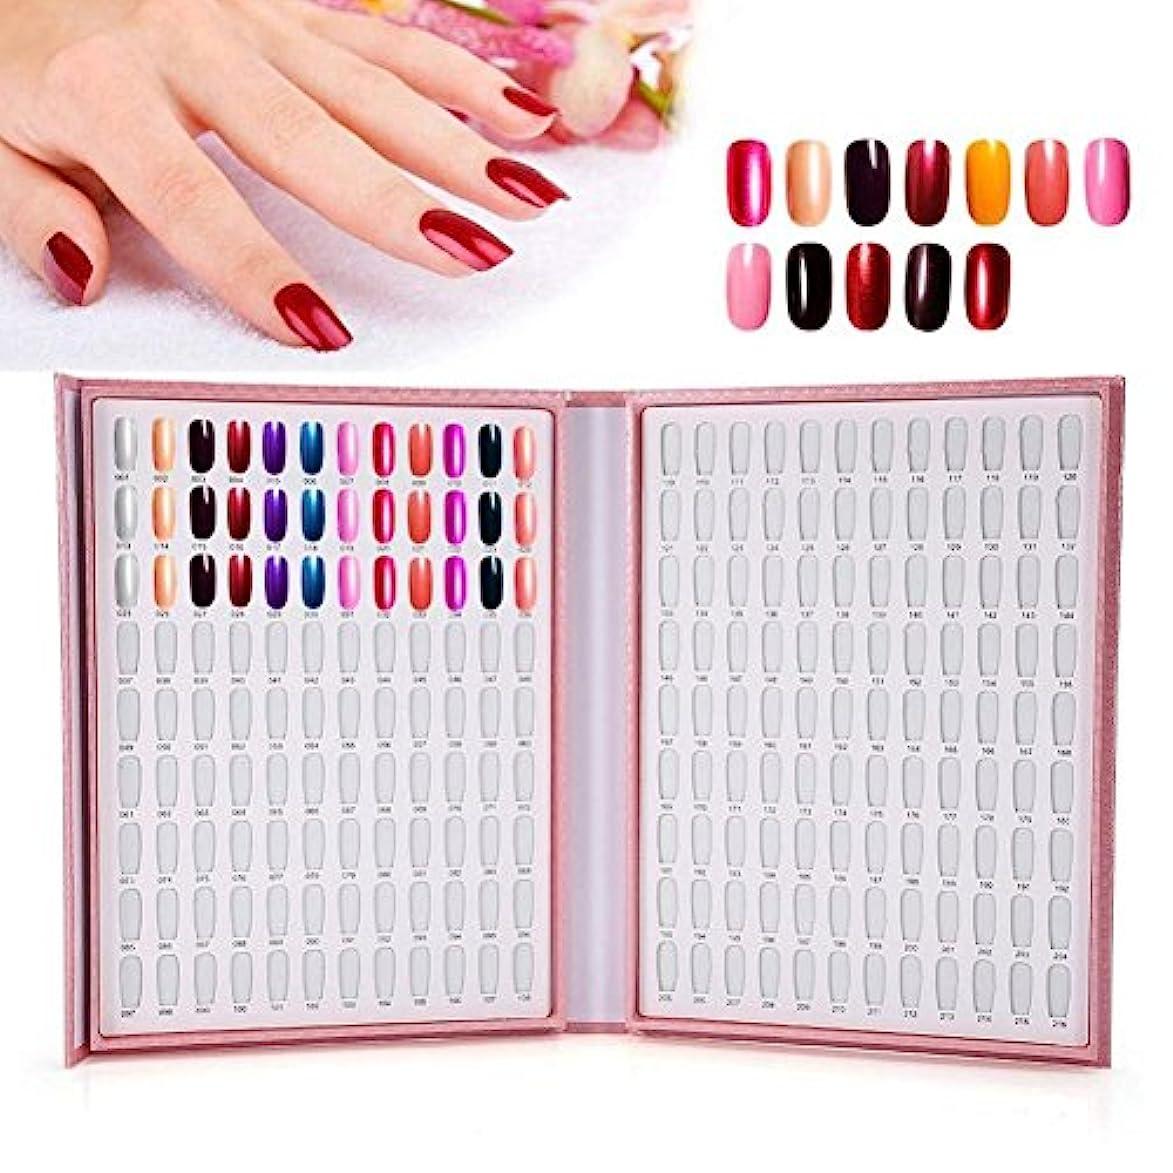 マーキング普通に警告カラーチャート ブック - BESTGIFT ジェルネイル、カラーガイド、 ネイル 色見本、ブック型 、サンプル帳、216色 (ピンク)